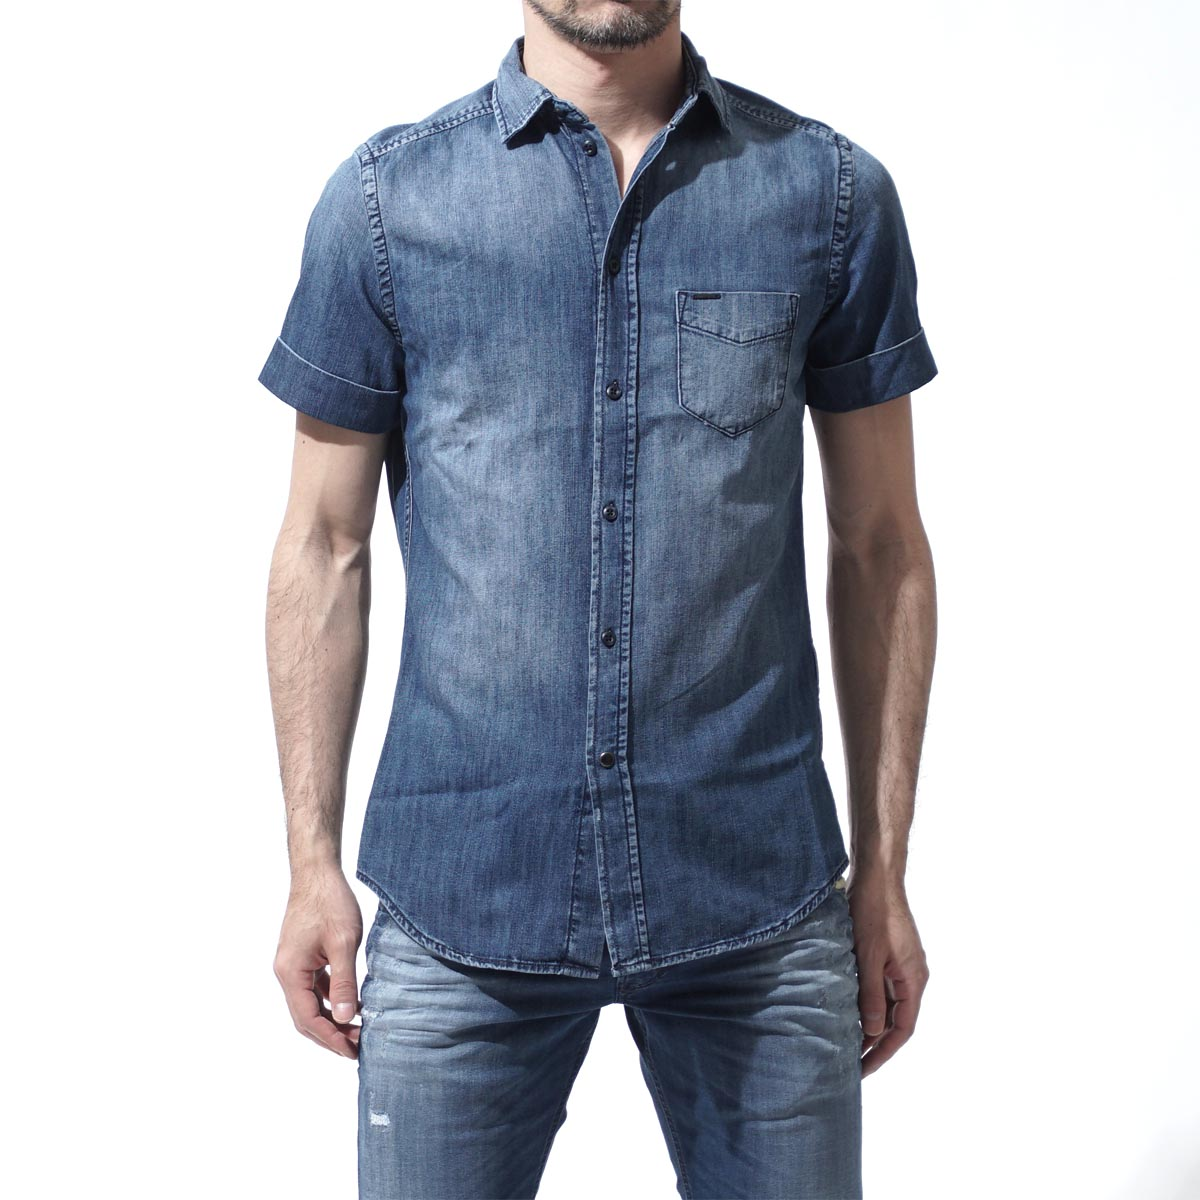 柴油DIESEL短袖粗斜纹布衬衫D-KENFALL INDIGO蓝色派d kendall 00sxqe 00qapm人